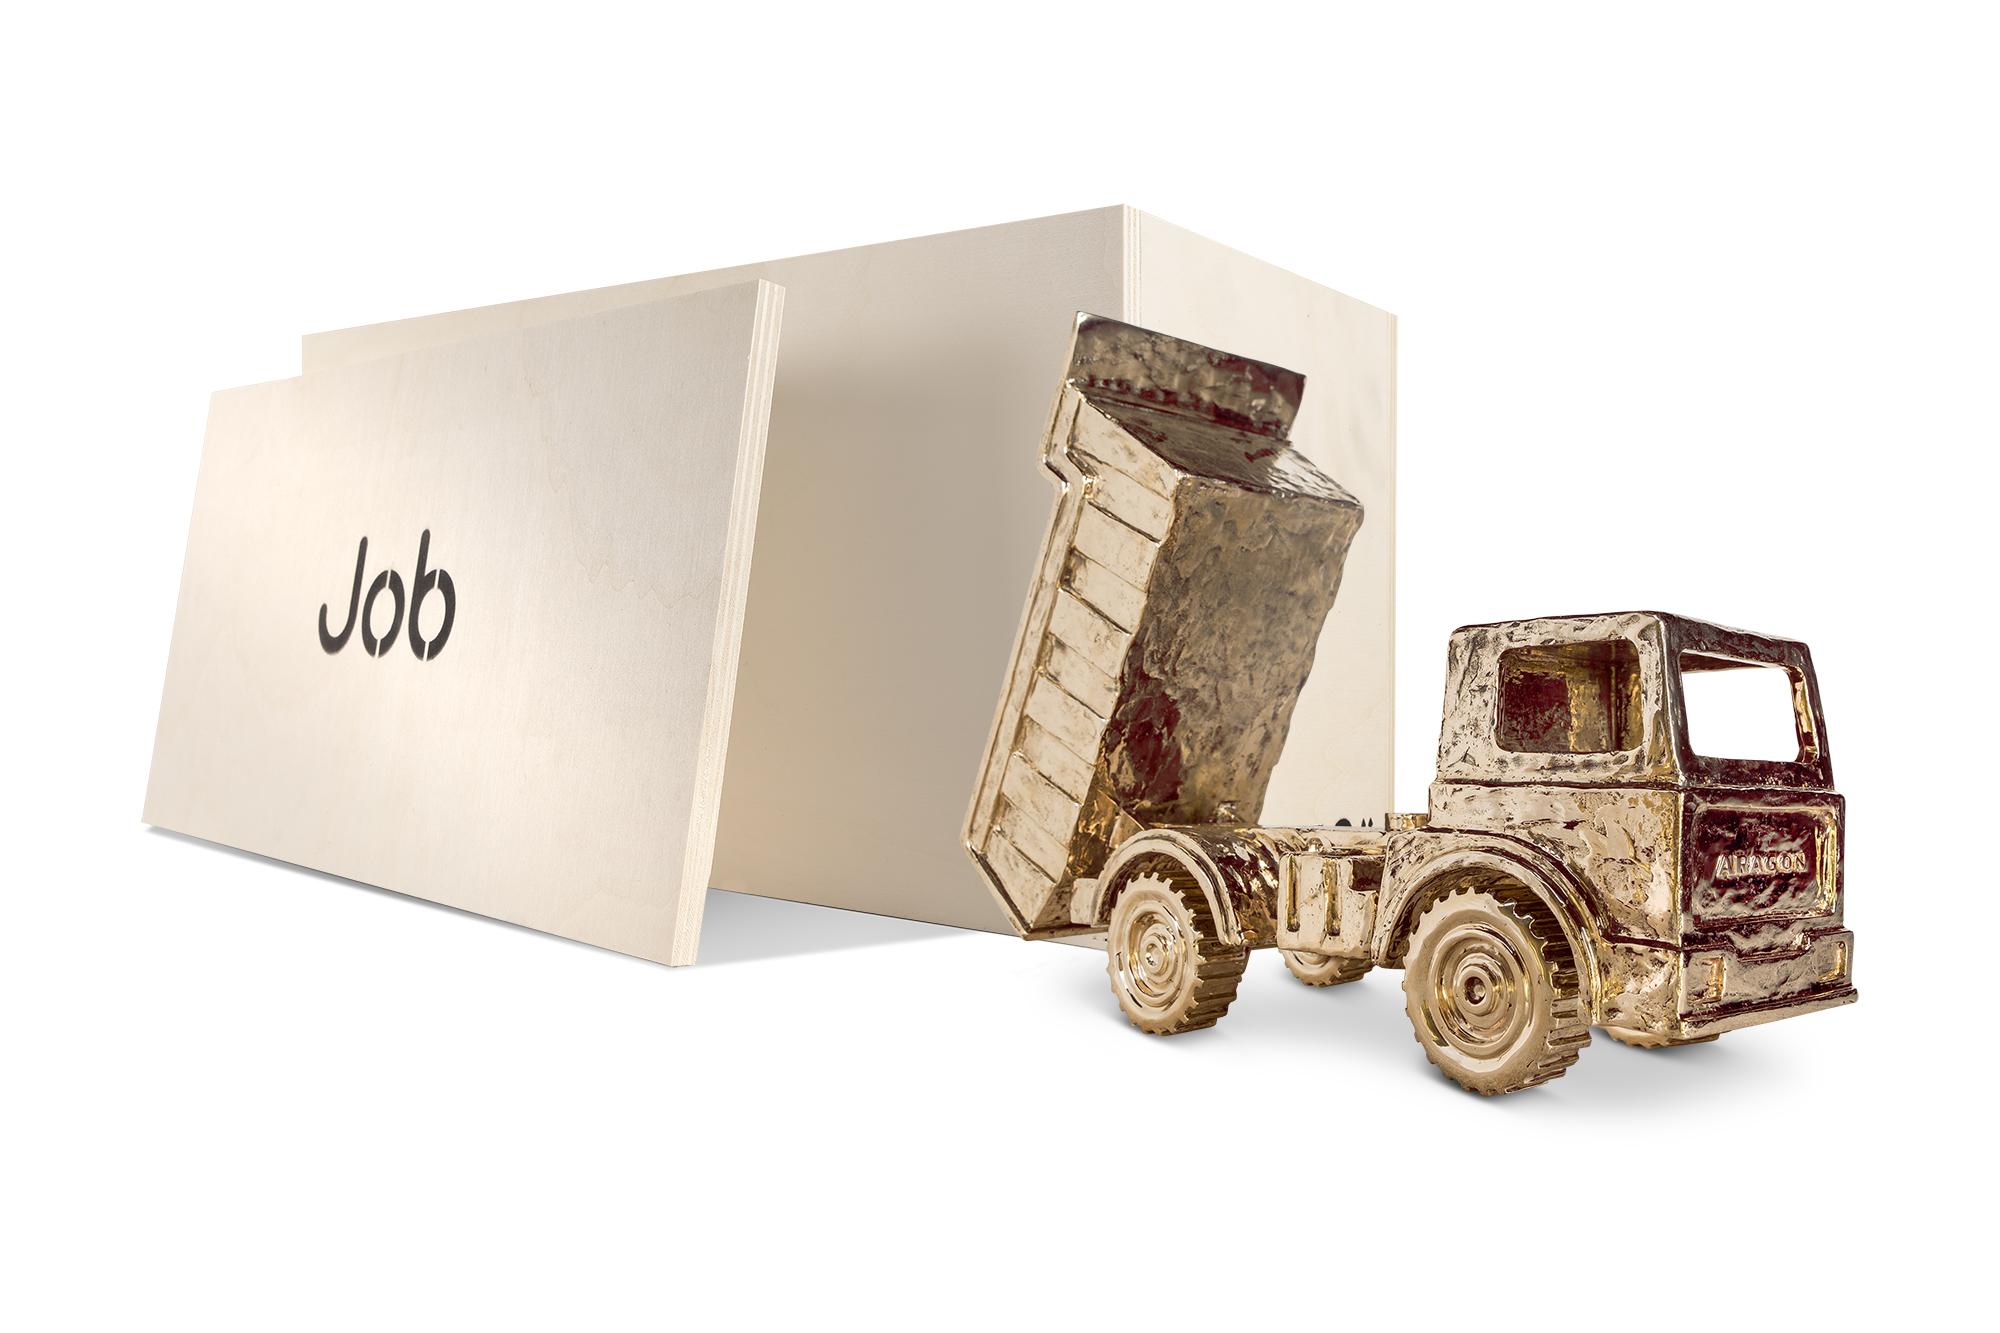 Studio-Job-Truck-OW-4-2020-kopie